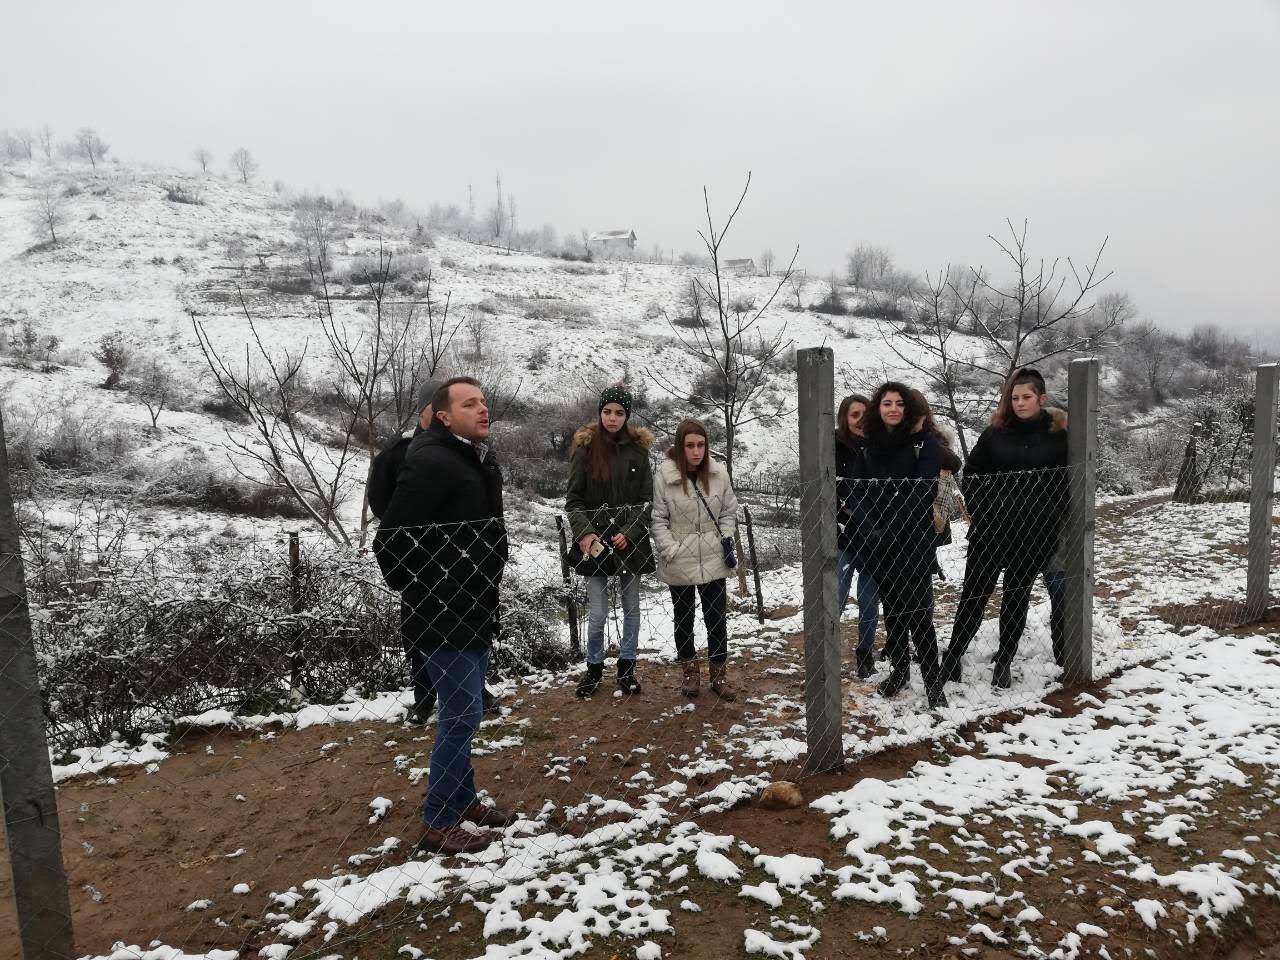 Učenici Srednje škole poljoprivrede, prehrane, veterine i uslužnih djelatnosti posjetili poljoprivredno edukacioni poligon Park šume Mojmilo